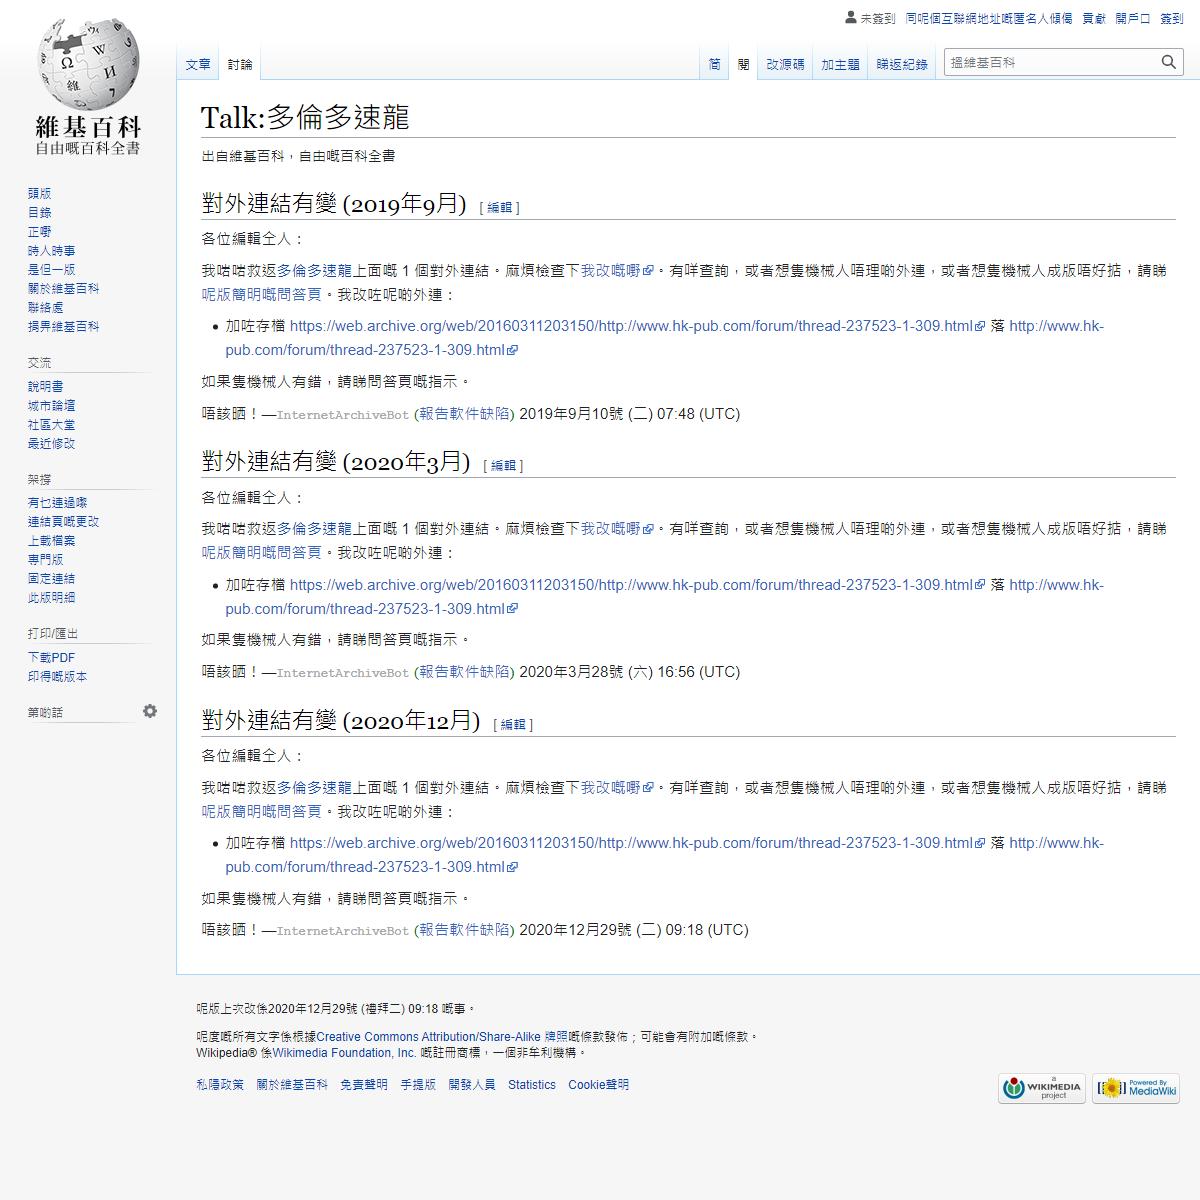 Talk-多倫多速龍 - 維基百科,自由嘅百科全書